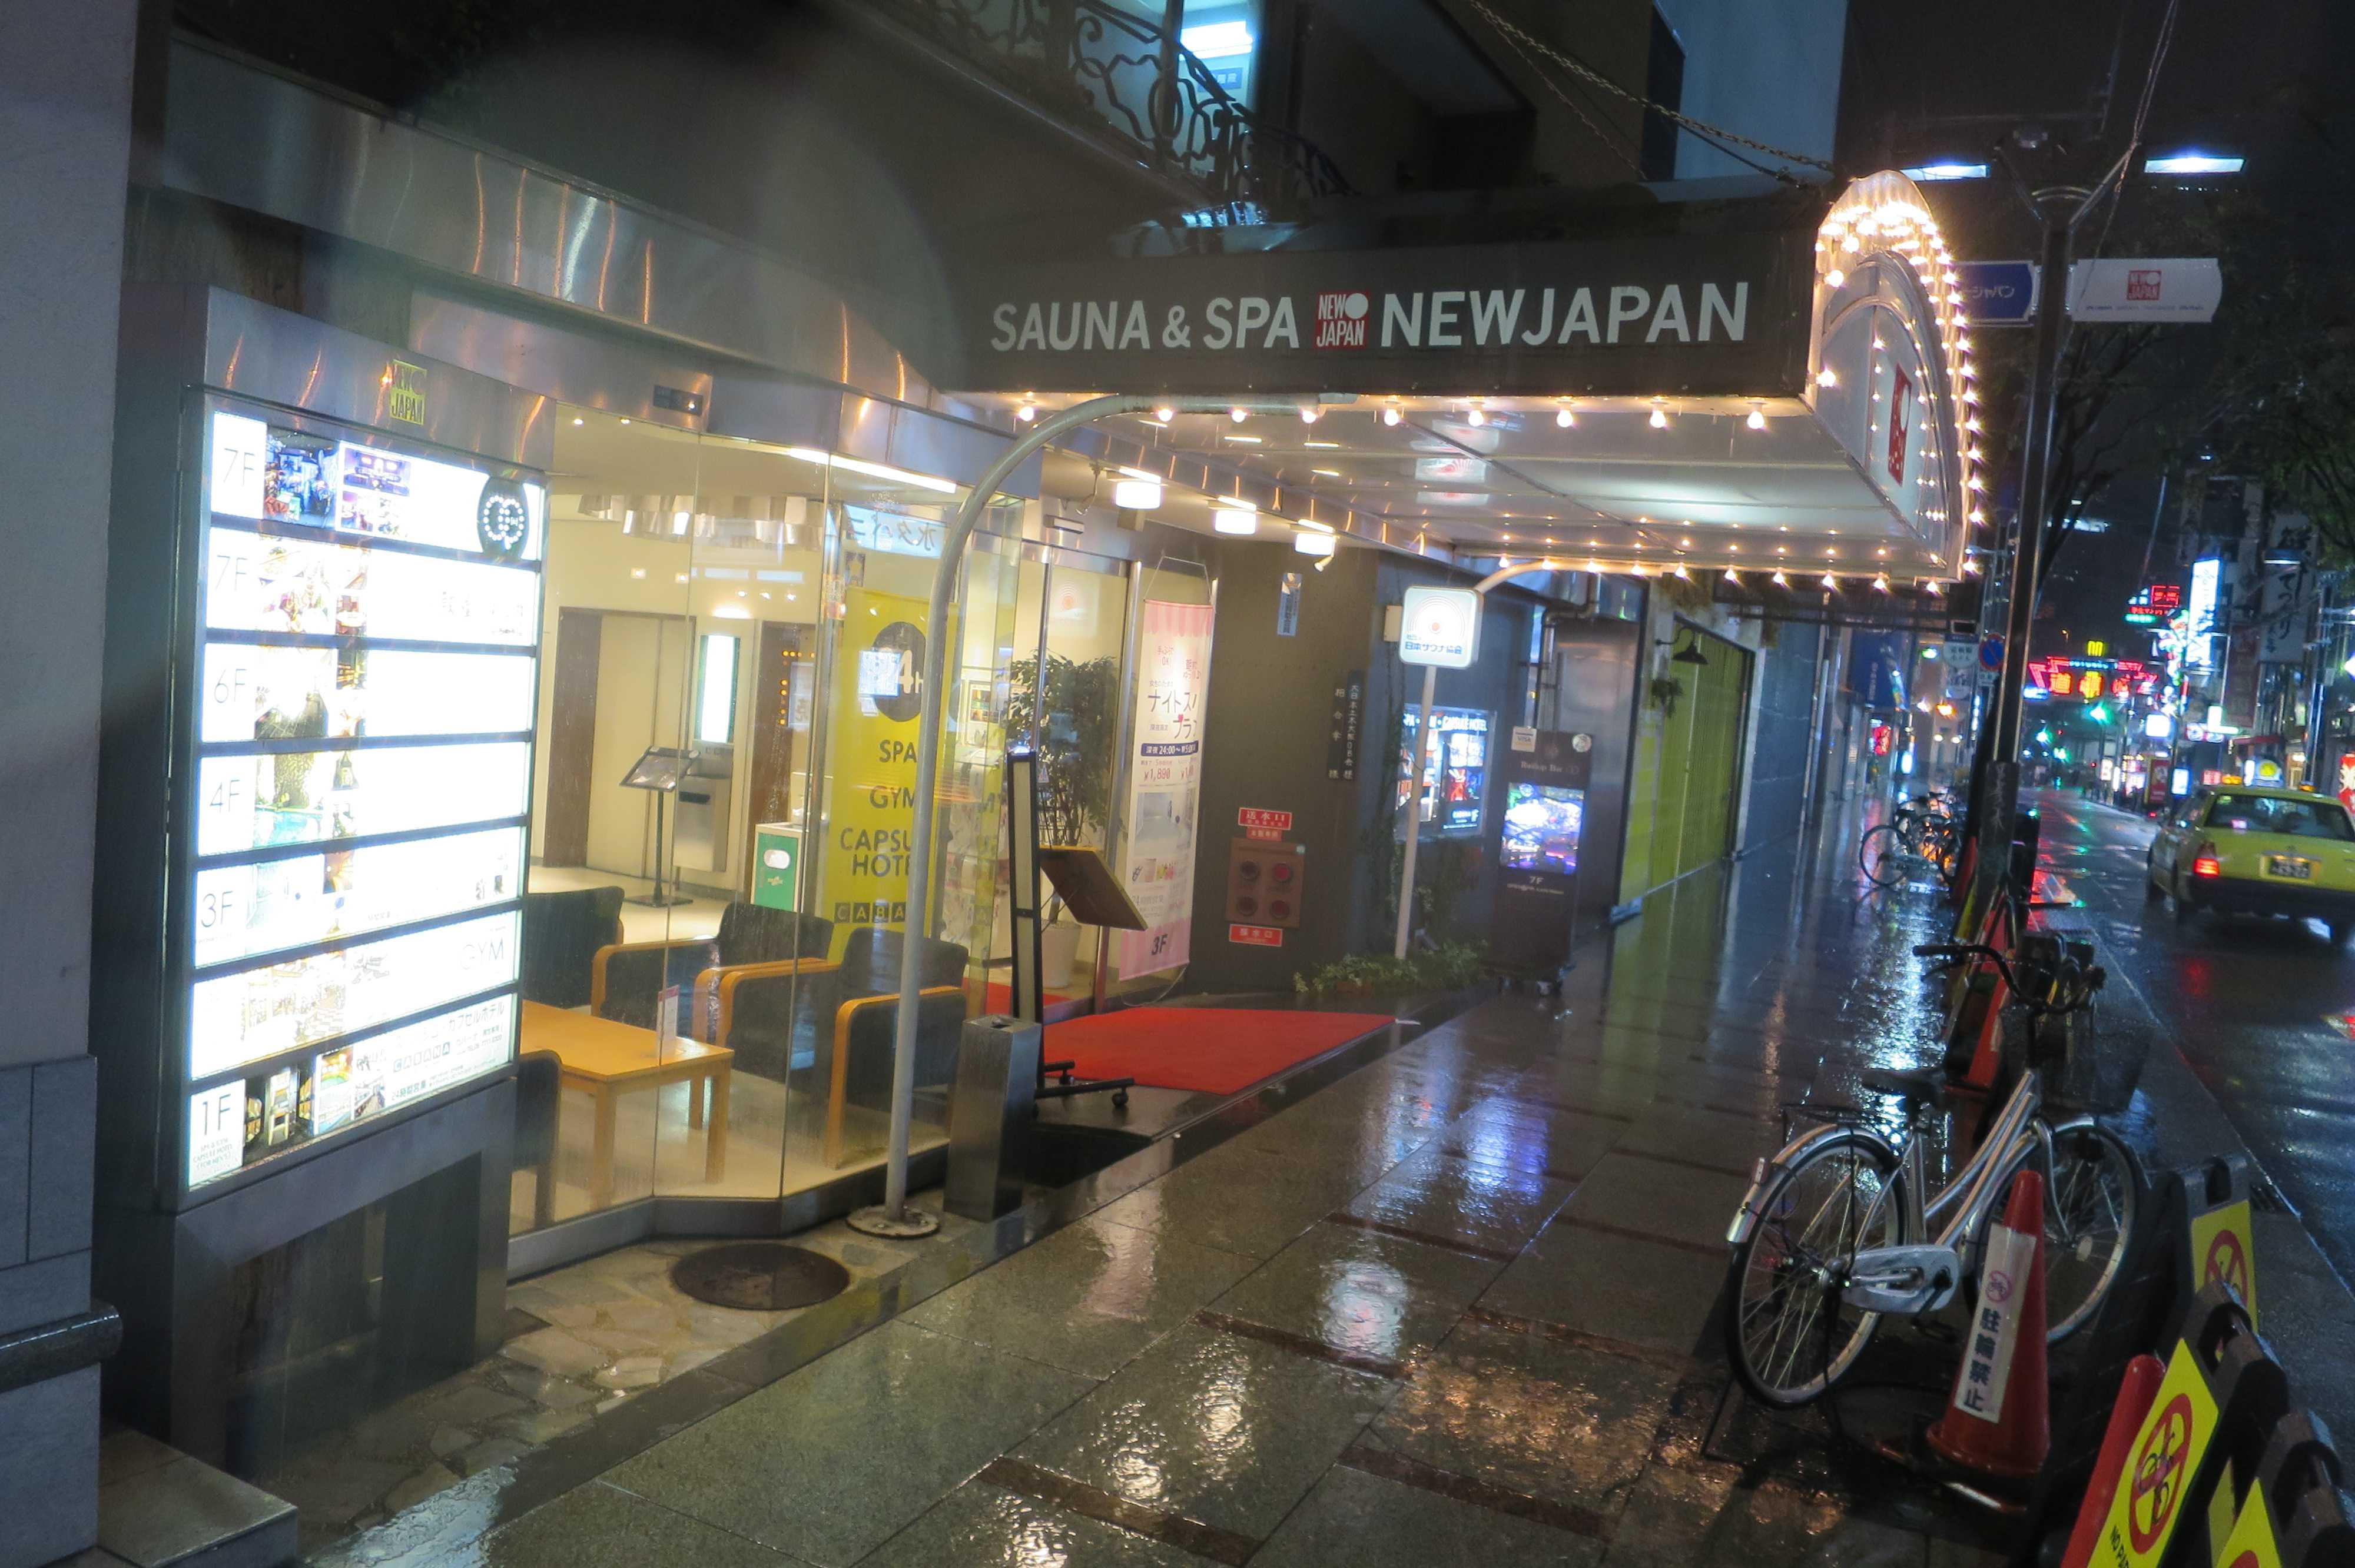 大阪道頓堀 - ニュージャパンカプセルホテル カバーナ店の入口